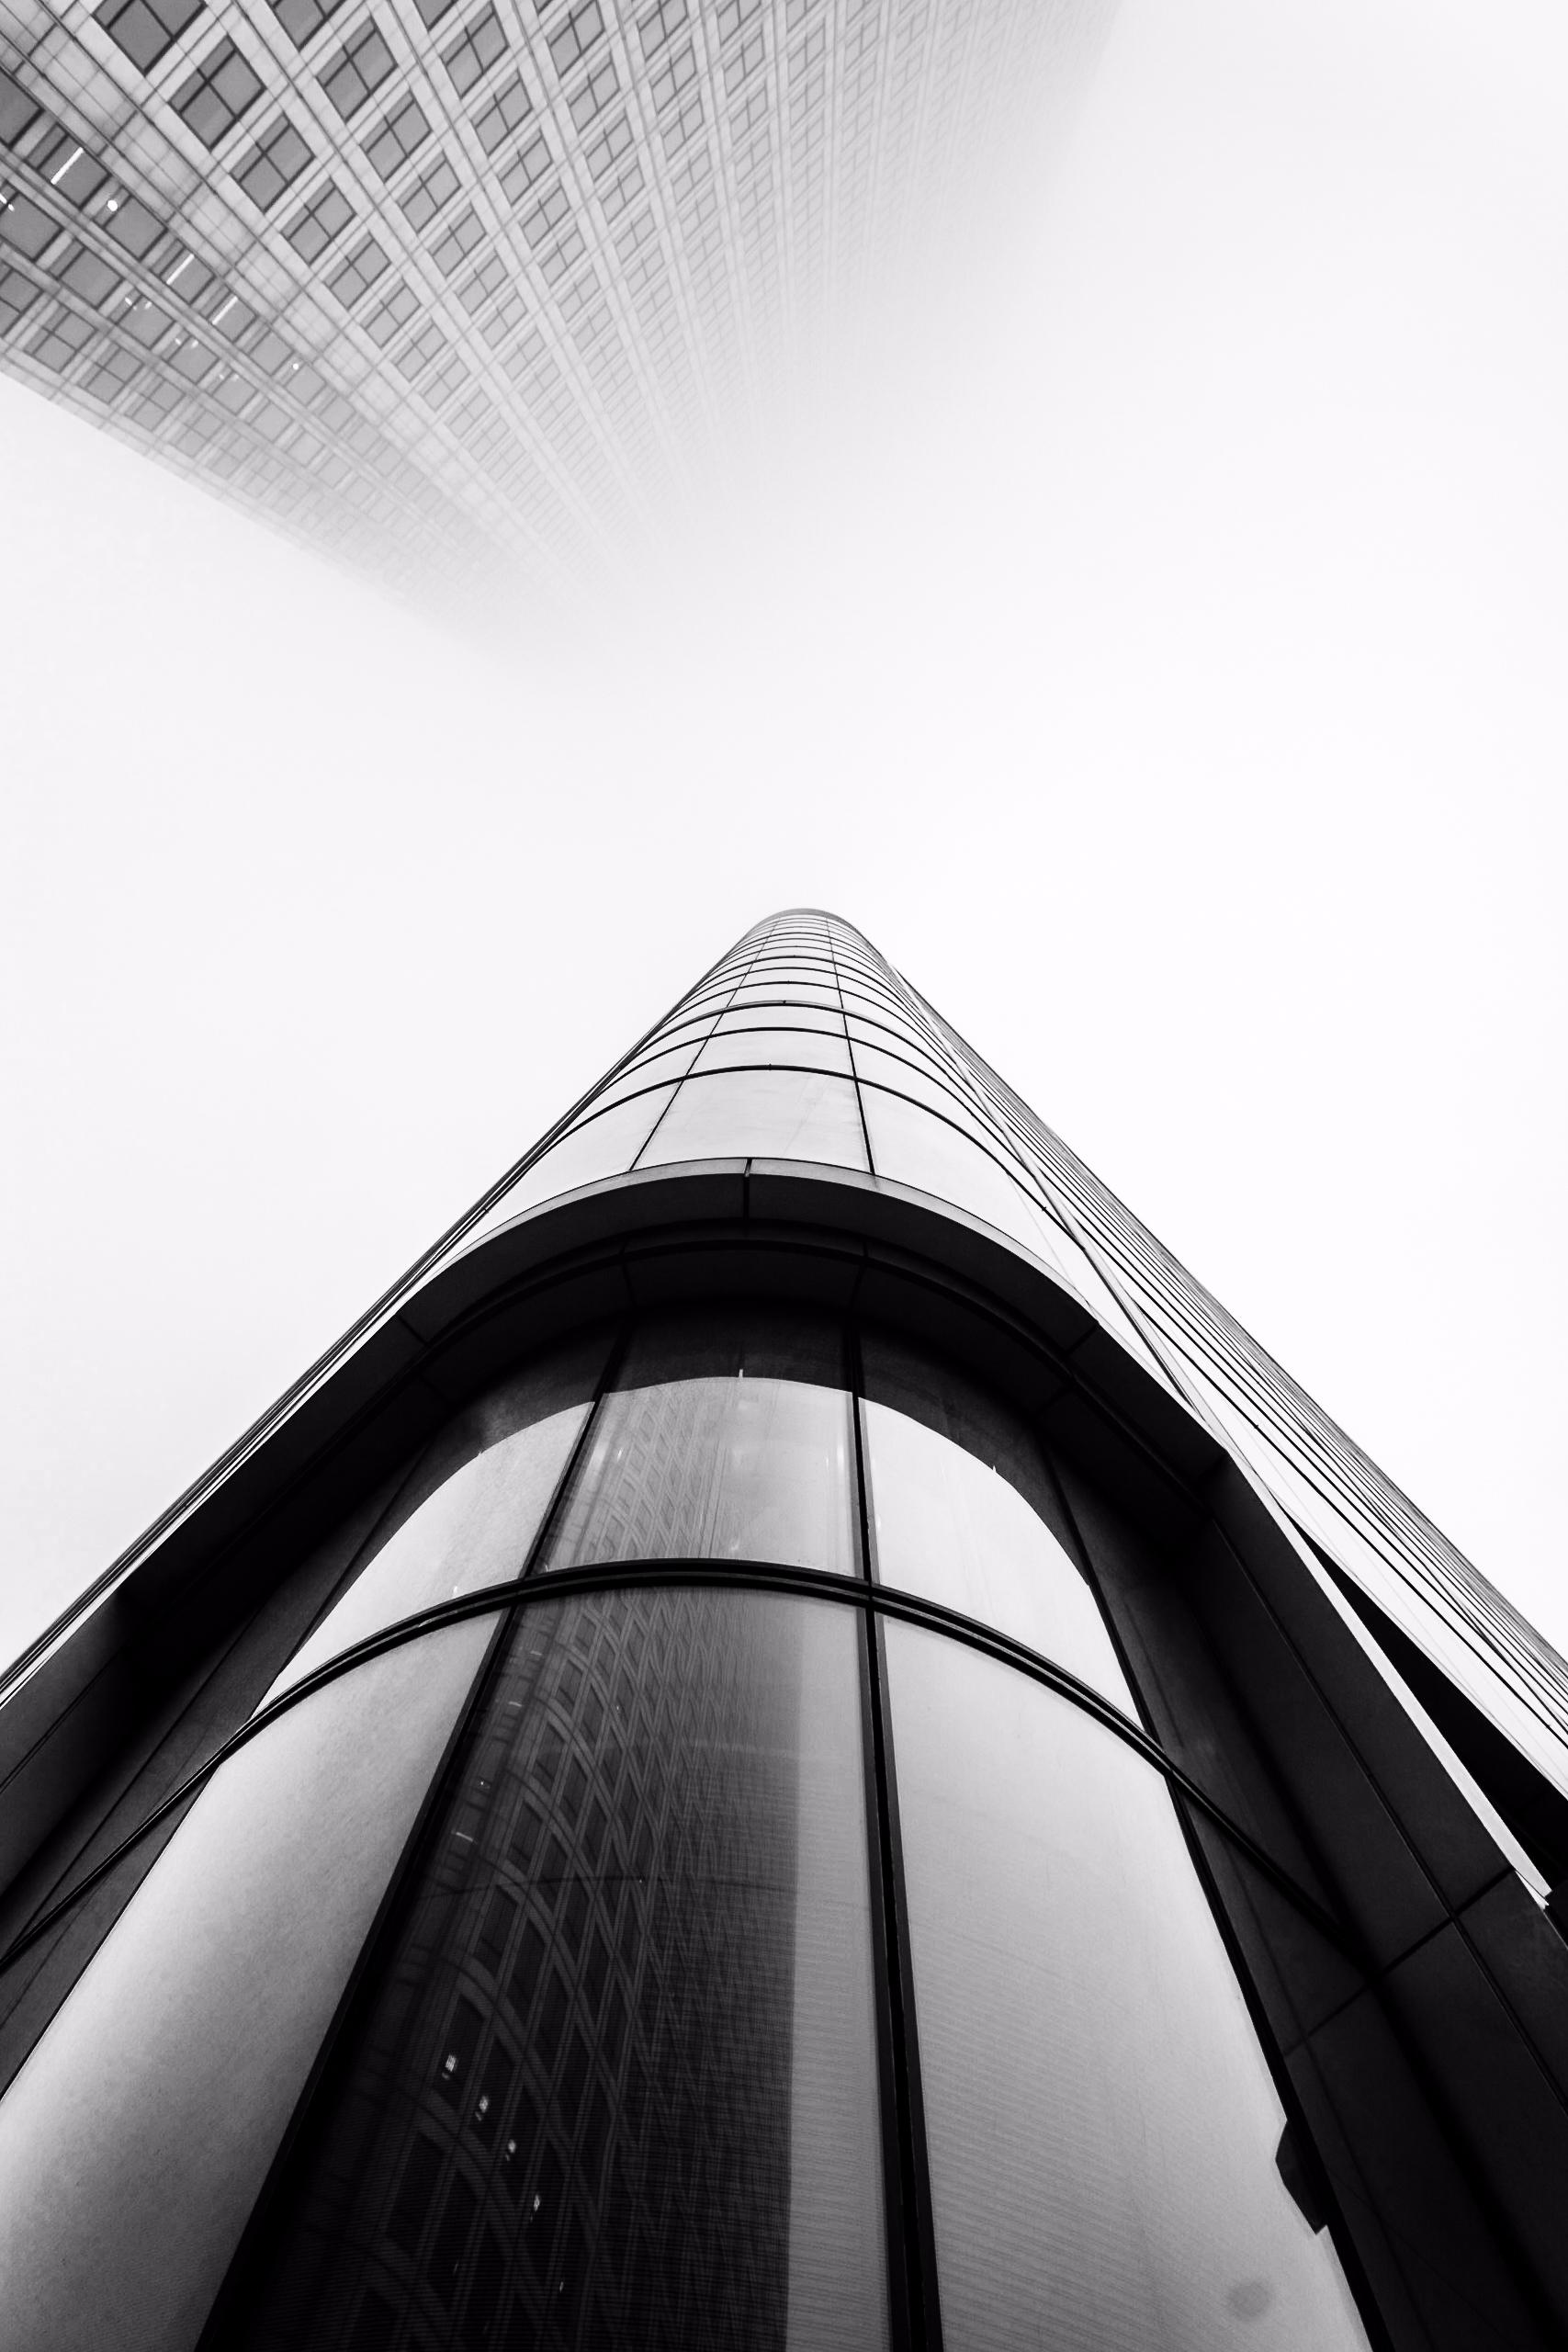   Canary Wharf - London, fog, mist - fabianodu   ello